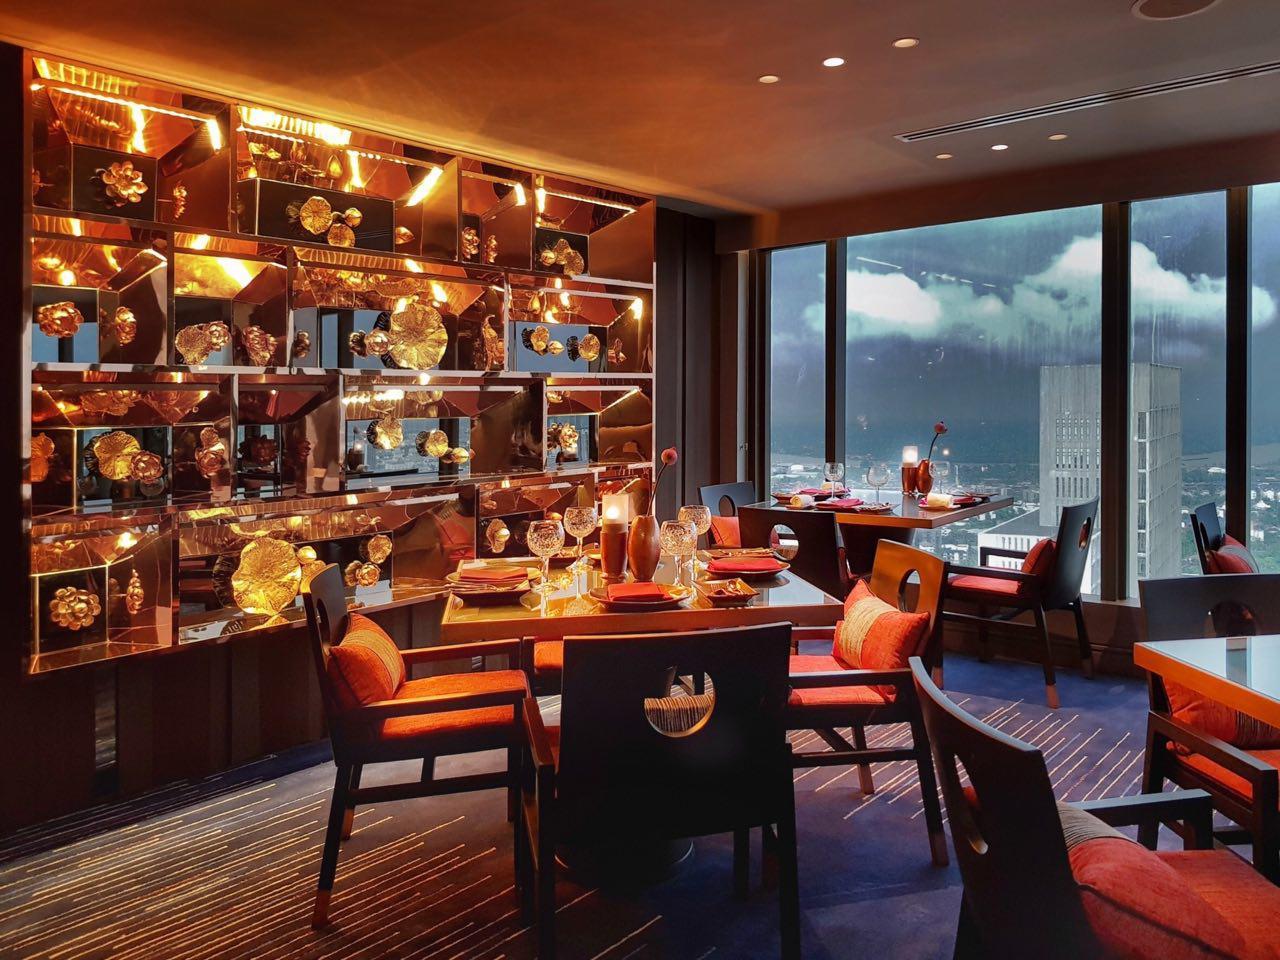 Saffron, Banyan Tree Hotel